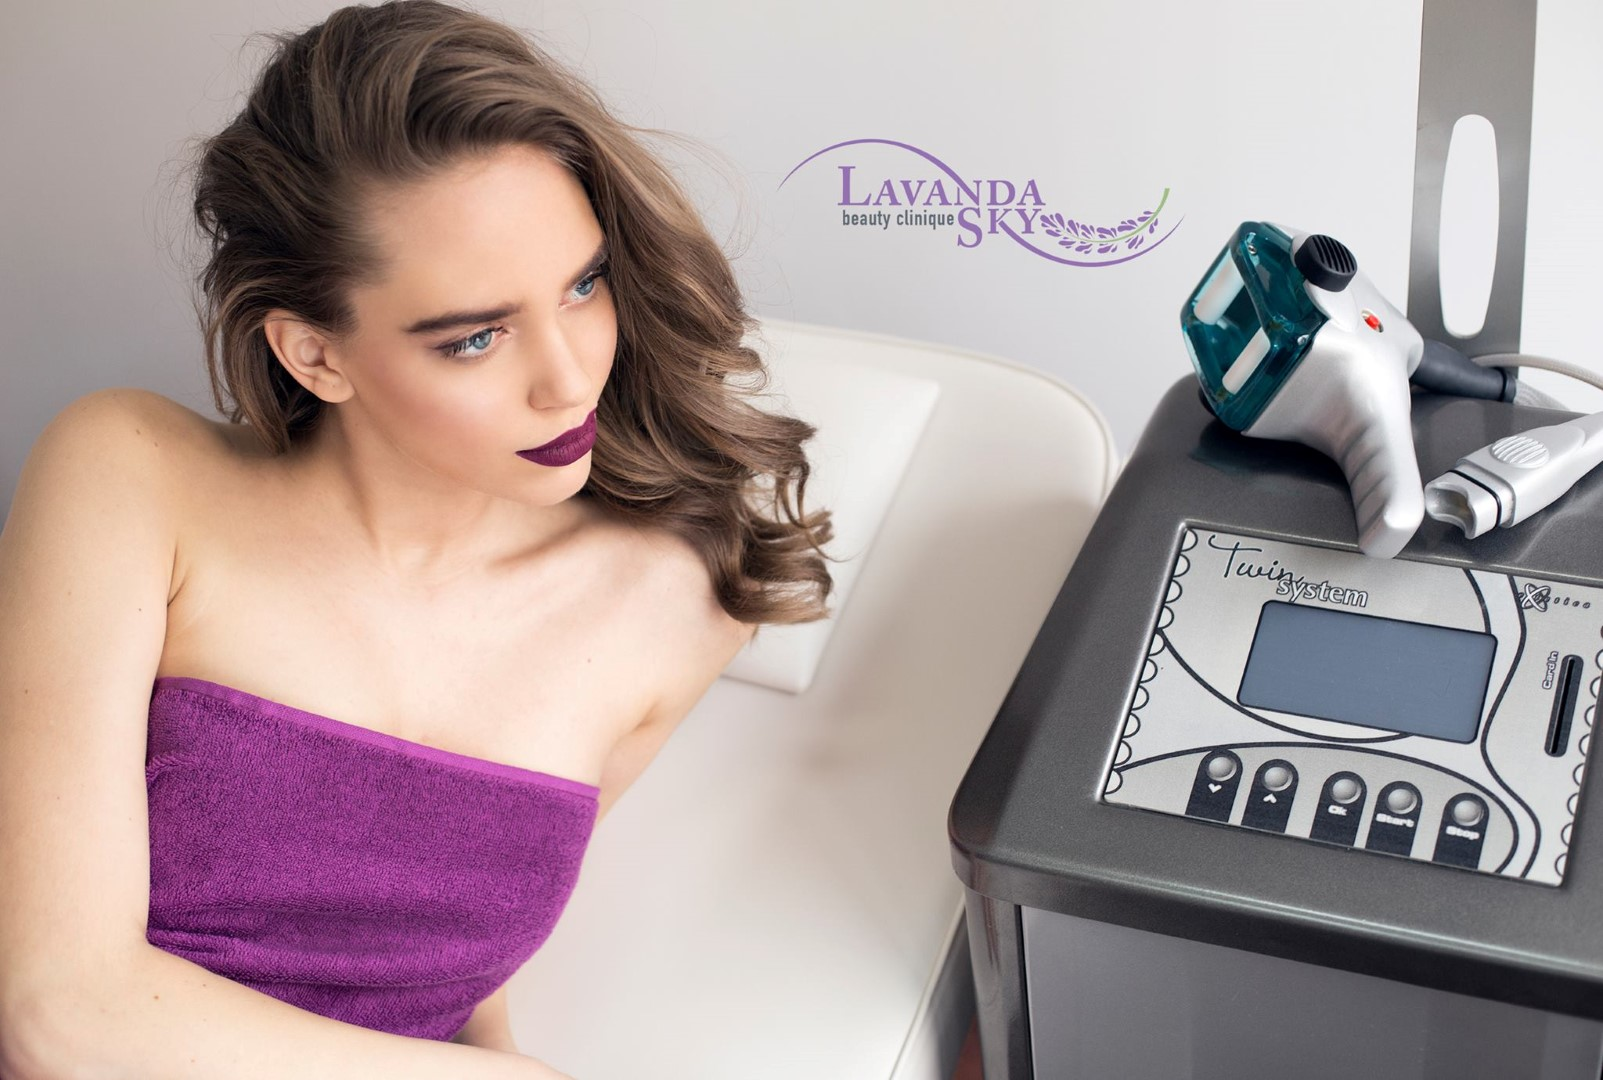 Sarbatoreste 1 an de Lavanda Sky Beauty Clinique!